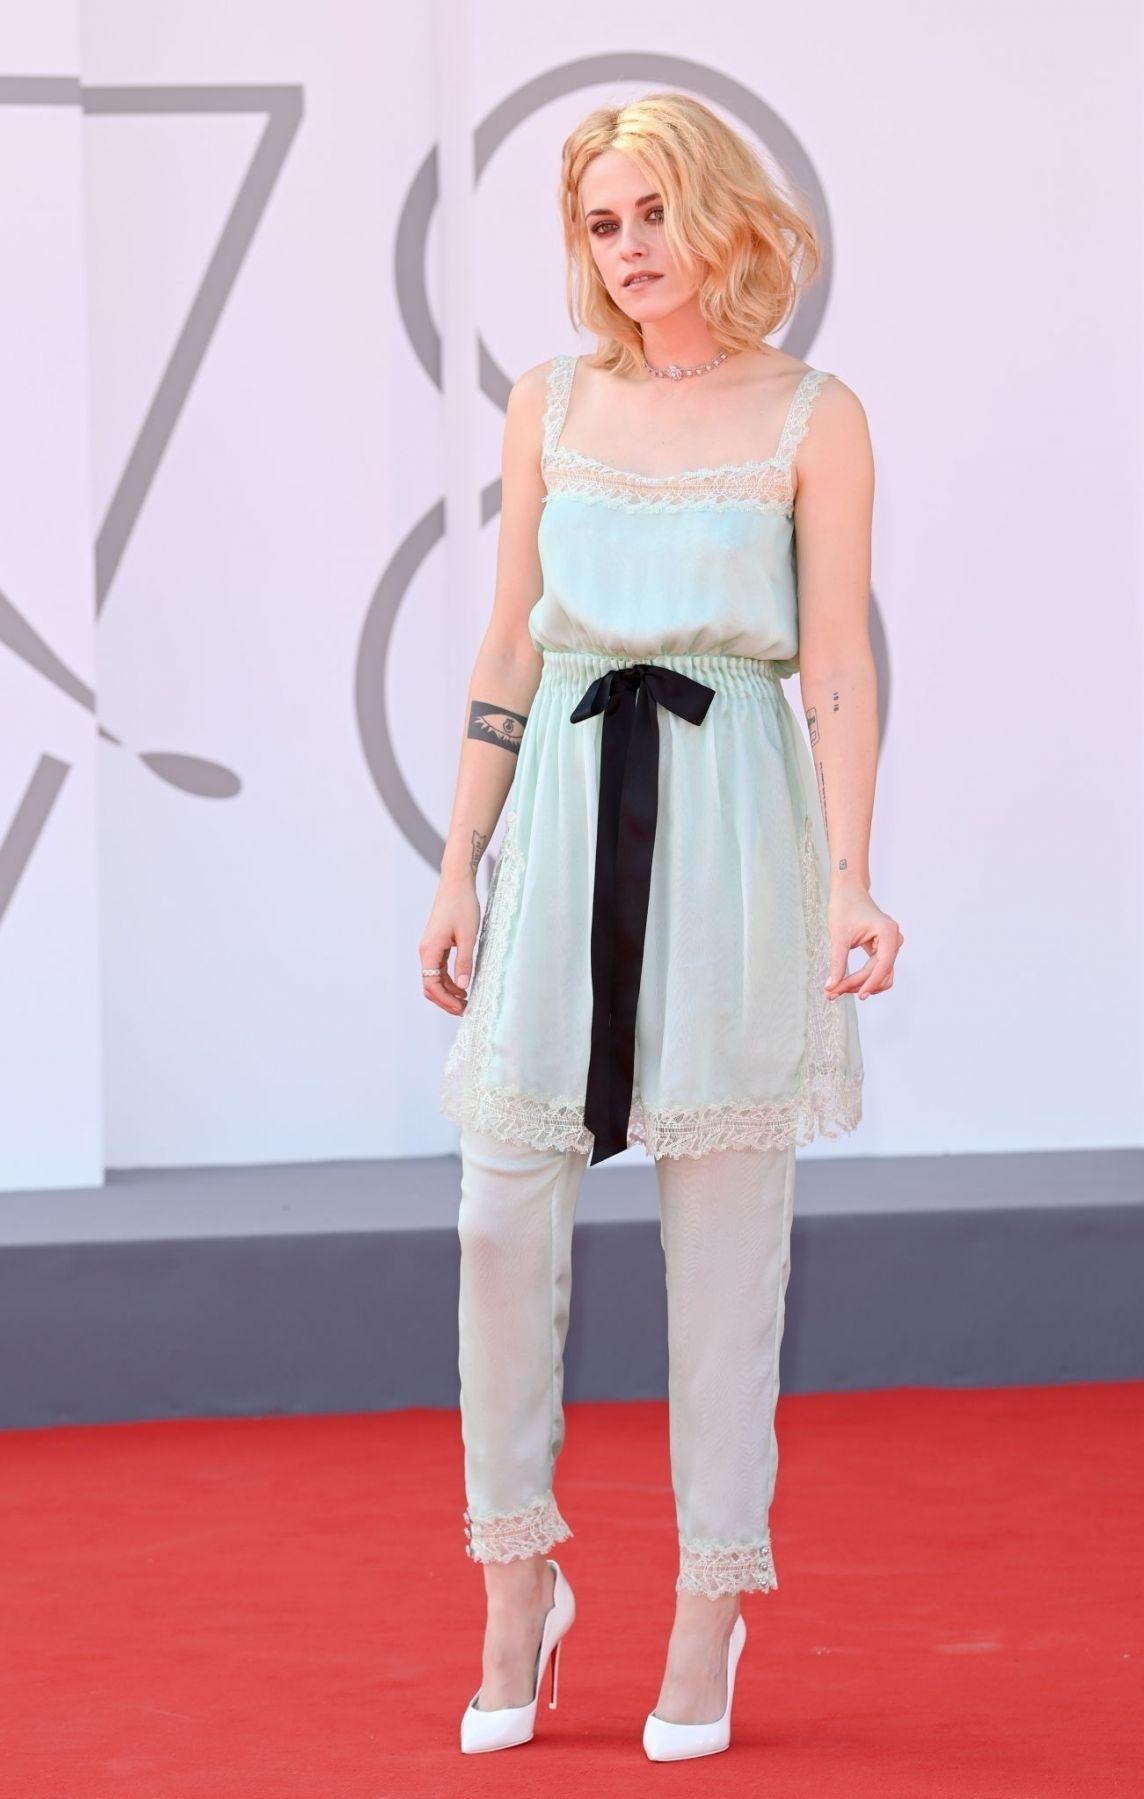 Danh sách này không thể vắng mặt Kristen Stewart và bộ trang phục mang phong cách đồ ngủ cô diện trên thảm đỏ ngày thứ ba của LHP. Thiết kế của hãng thời trang cao cấp Chanel, được làm bằng lụa, với tông màu xanh nhạt ngọt ngào. Trang phục nhanh chóng gây tranh cãi ở nhiều diễn đàn trên mạng xã hội. Người cho rằng trang phục quá độc đáo, nhưng cũng có ý kiến phản bác, cho rằng không phù hợp với thảm đỏ, thậm chí trông lôi thôi.